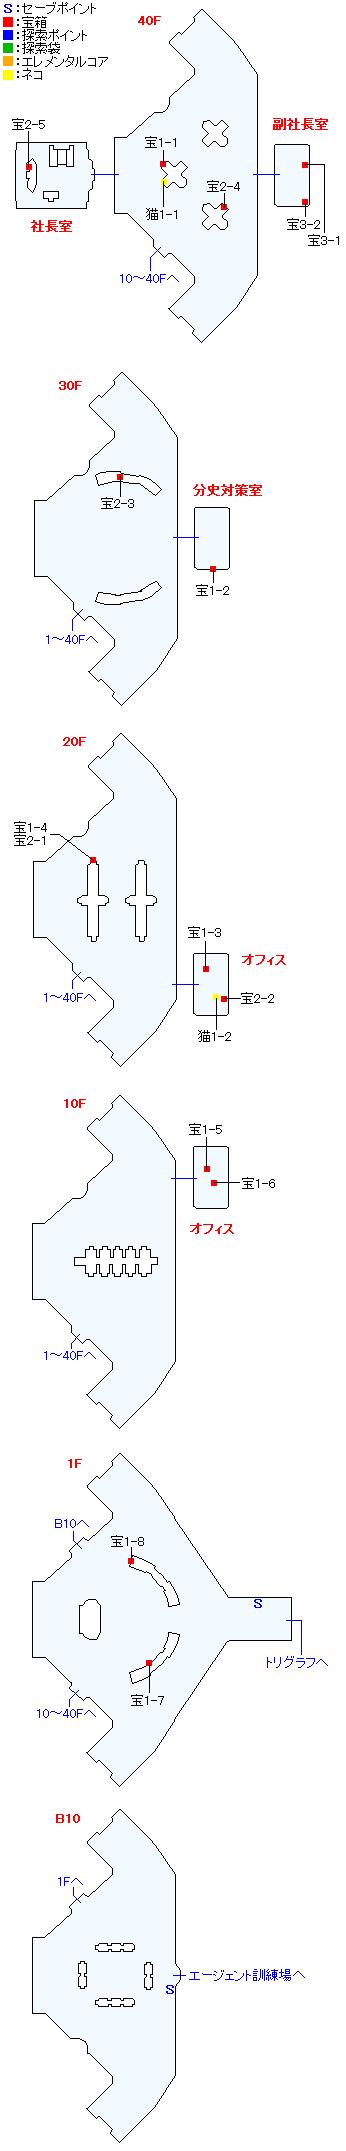 マップ画像・クランスピア社